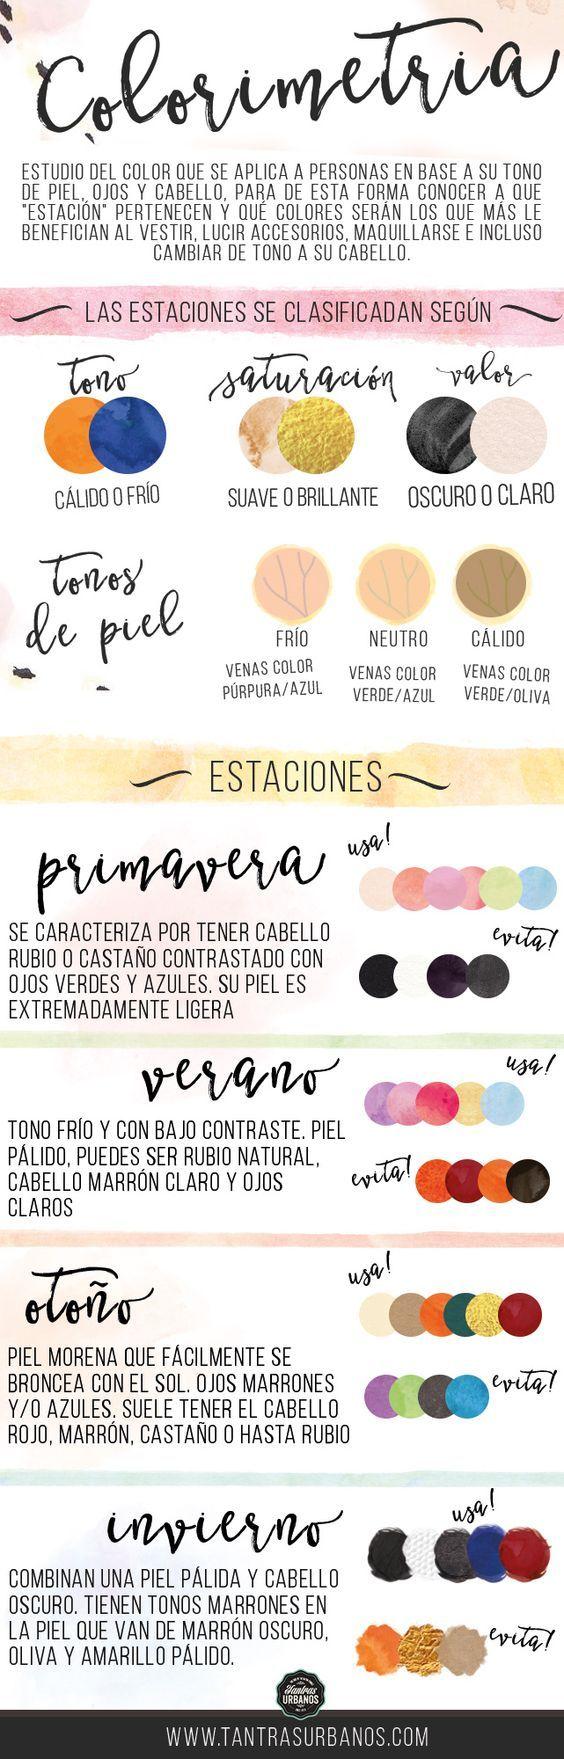 Tantras Urbanos - Colorimetría: Cuando los colores te acompañan: